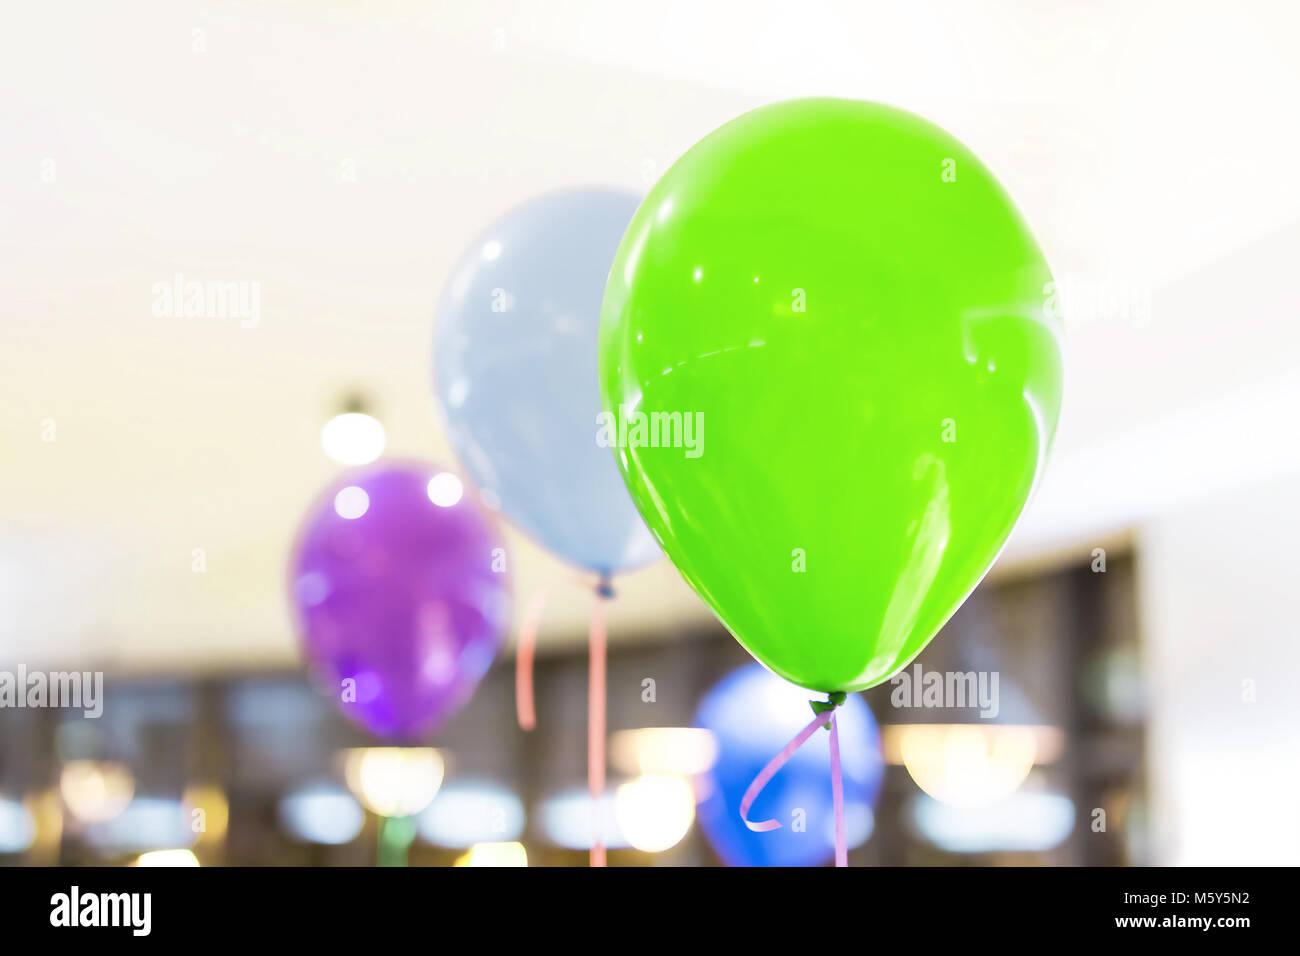 Multicolore baloons aria indoor. Preparazione per il partito. Decorazione di interni. Bambini festa di compleanno Immagini Stock